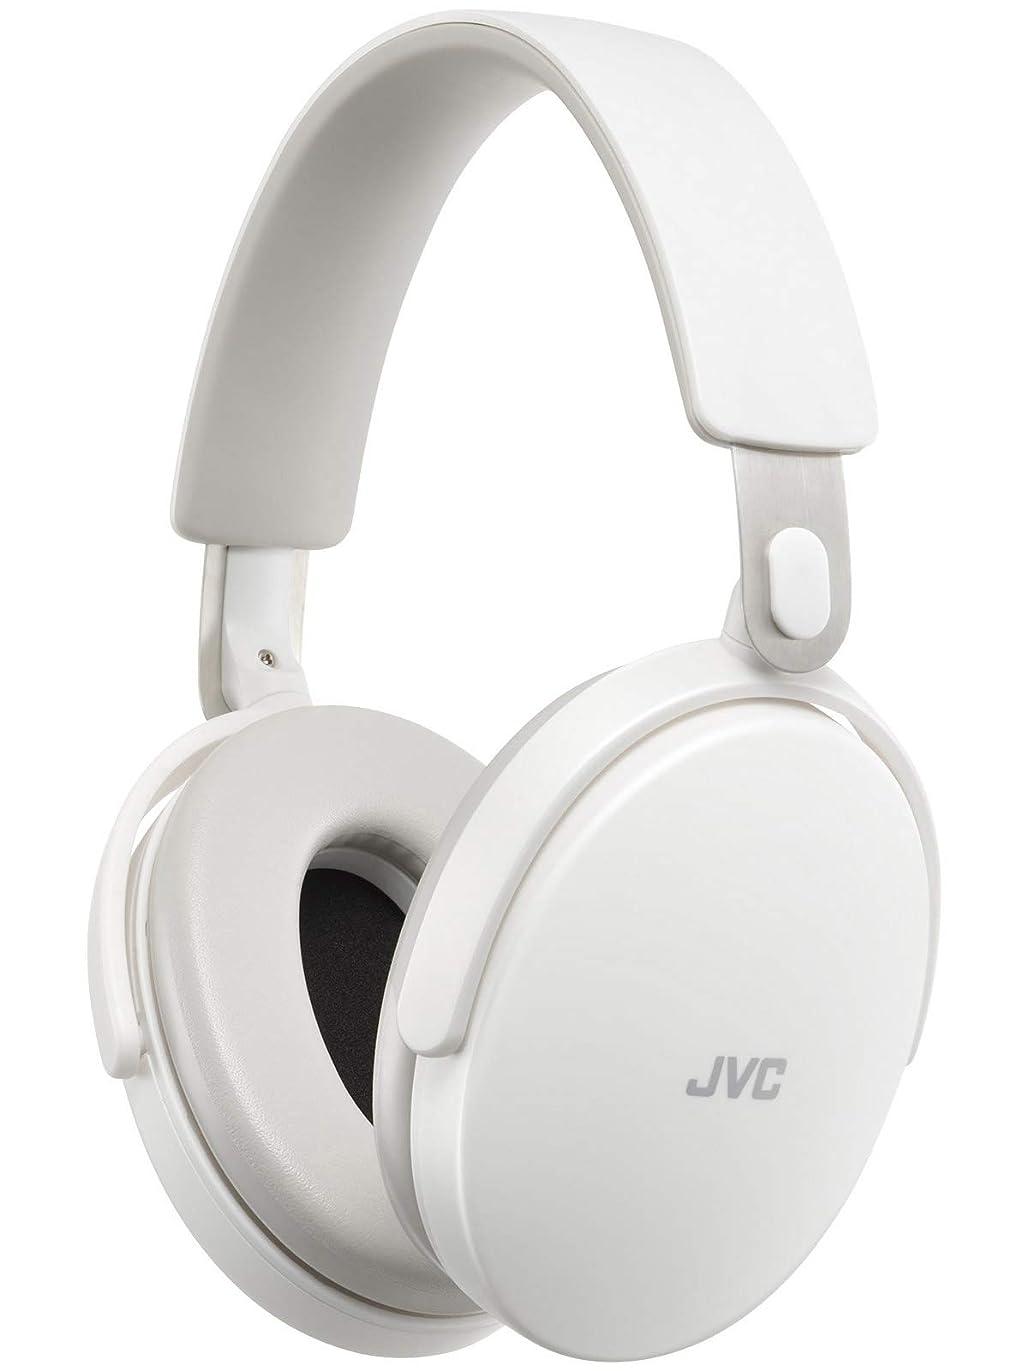 合唱団逆さまに汚染JVC 防音 イヤーマフ ヘッドバンド式 調整可能 EP-EM70-W ホワイト